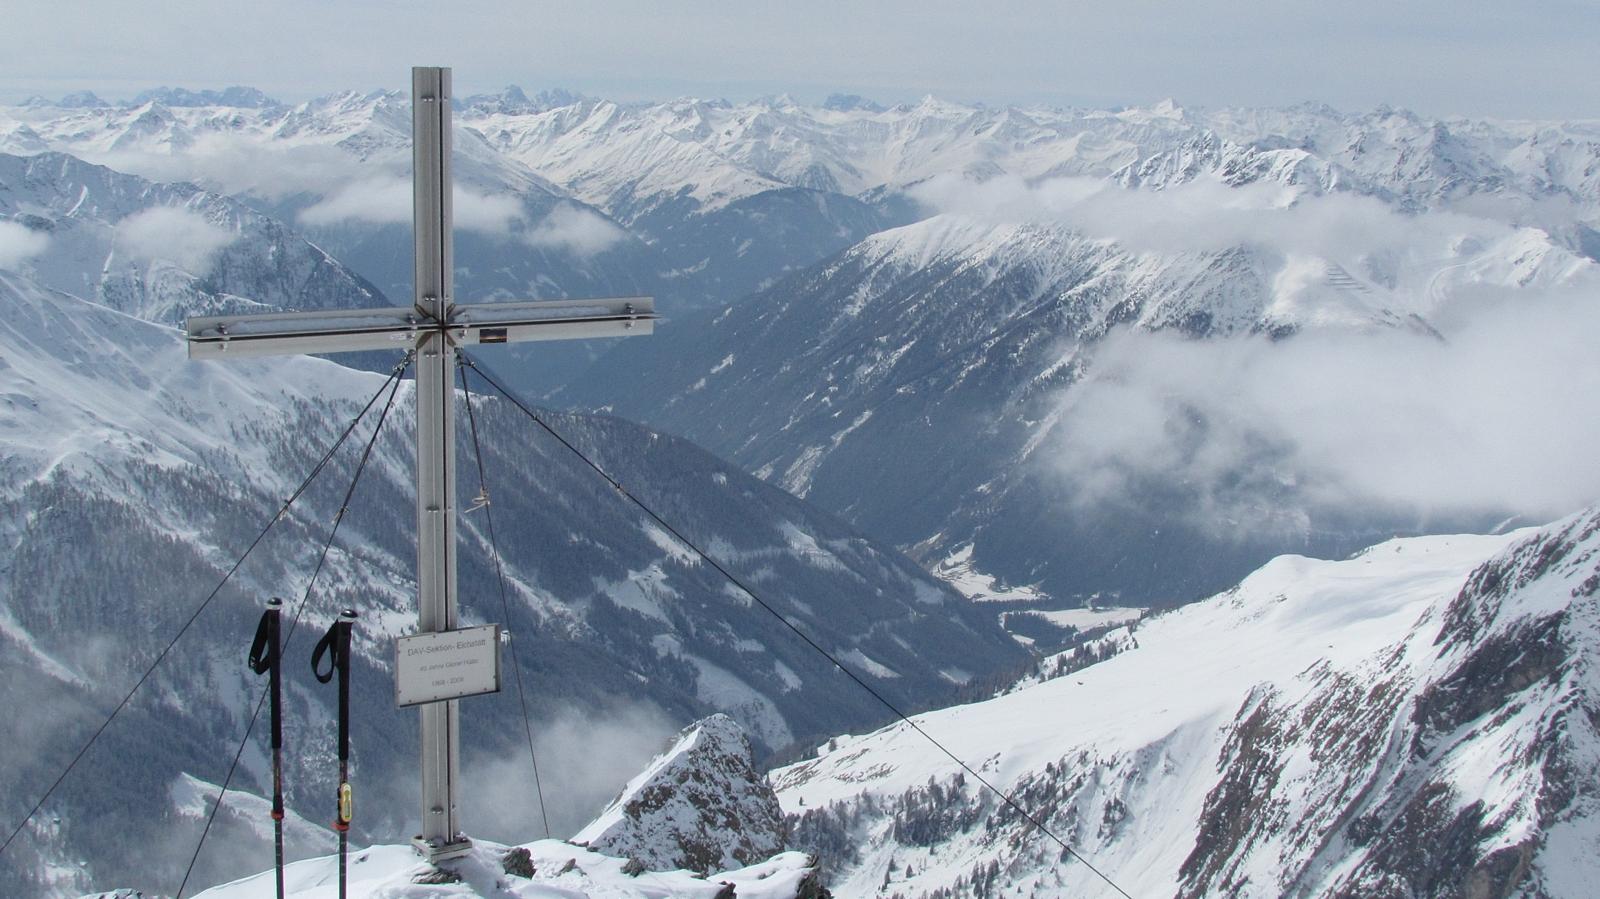 Gipfel Weisser Knoten